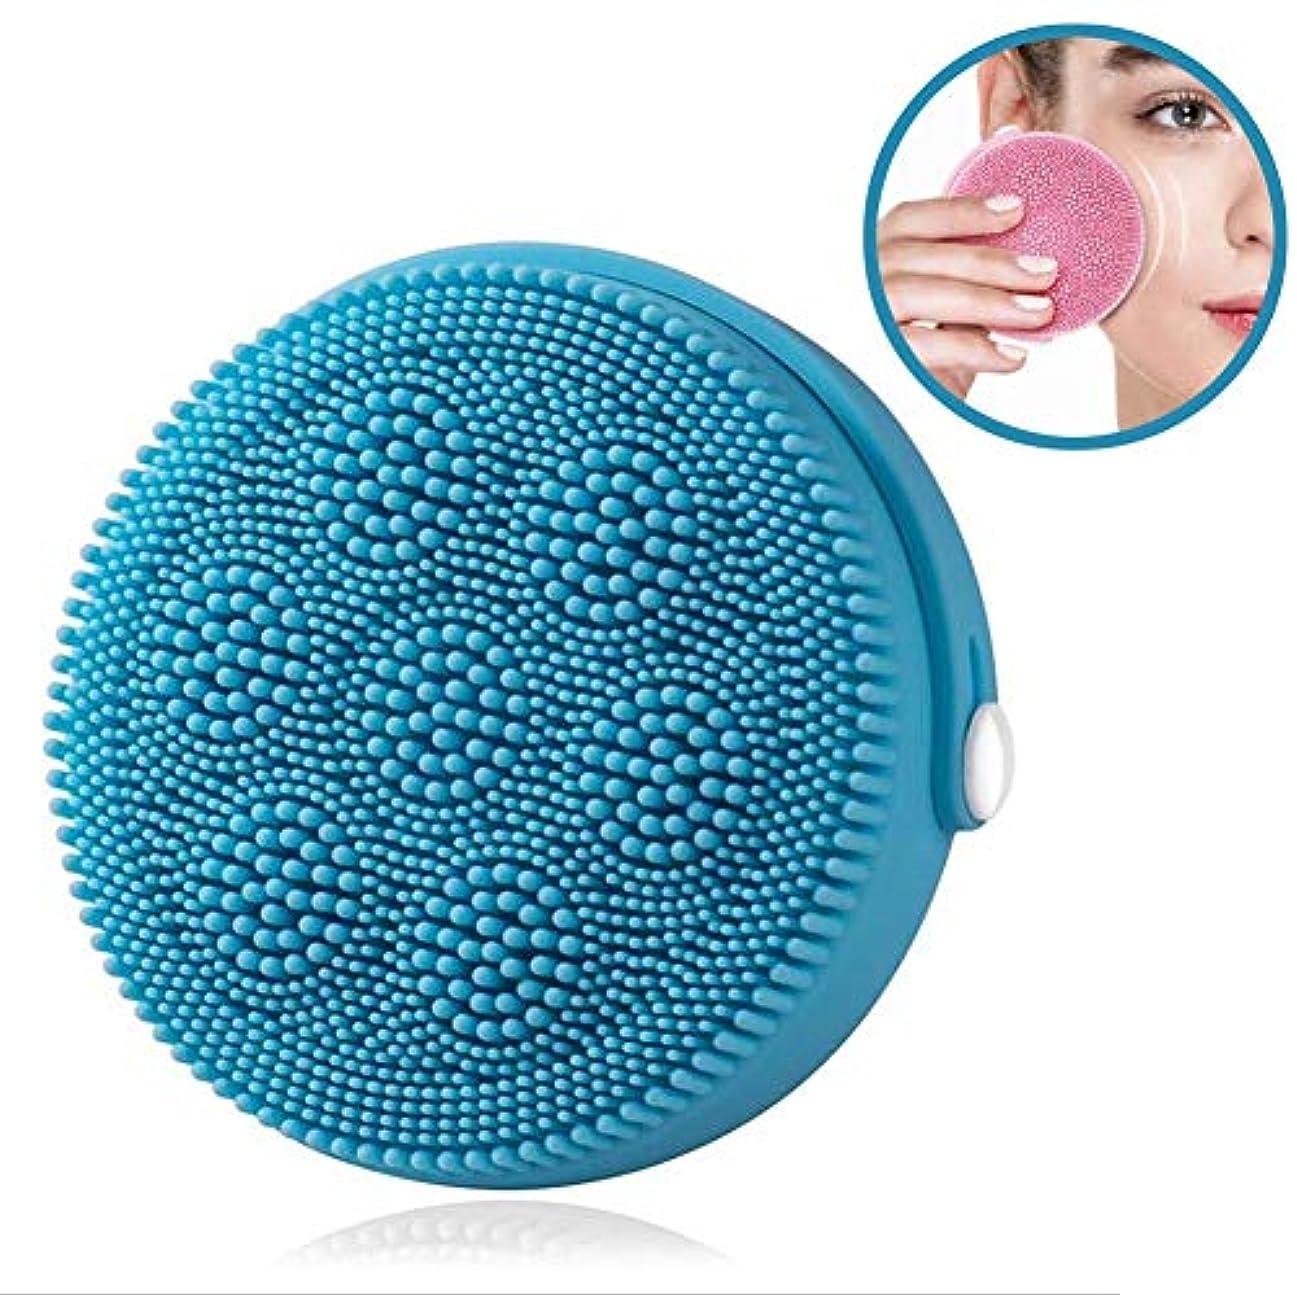 インキュバス養う意欲電動洗顔ブラシ - USB 充電 携帯用電動シリコンフェイスクレンジングブラシ 6速メモリモード 全身防水 洗浄機毛穴クリーナーホーム顔美容機器ホーム